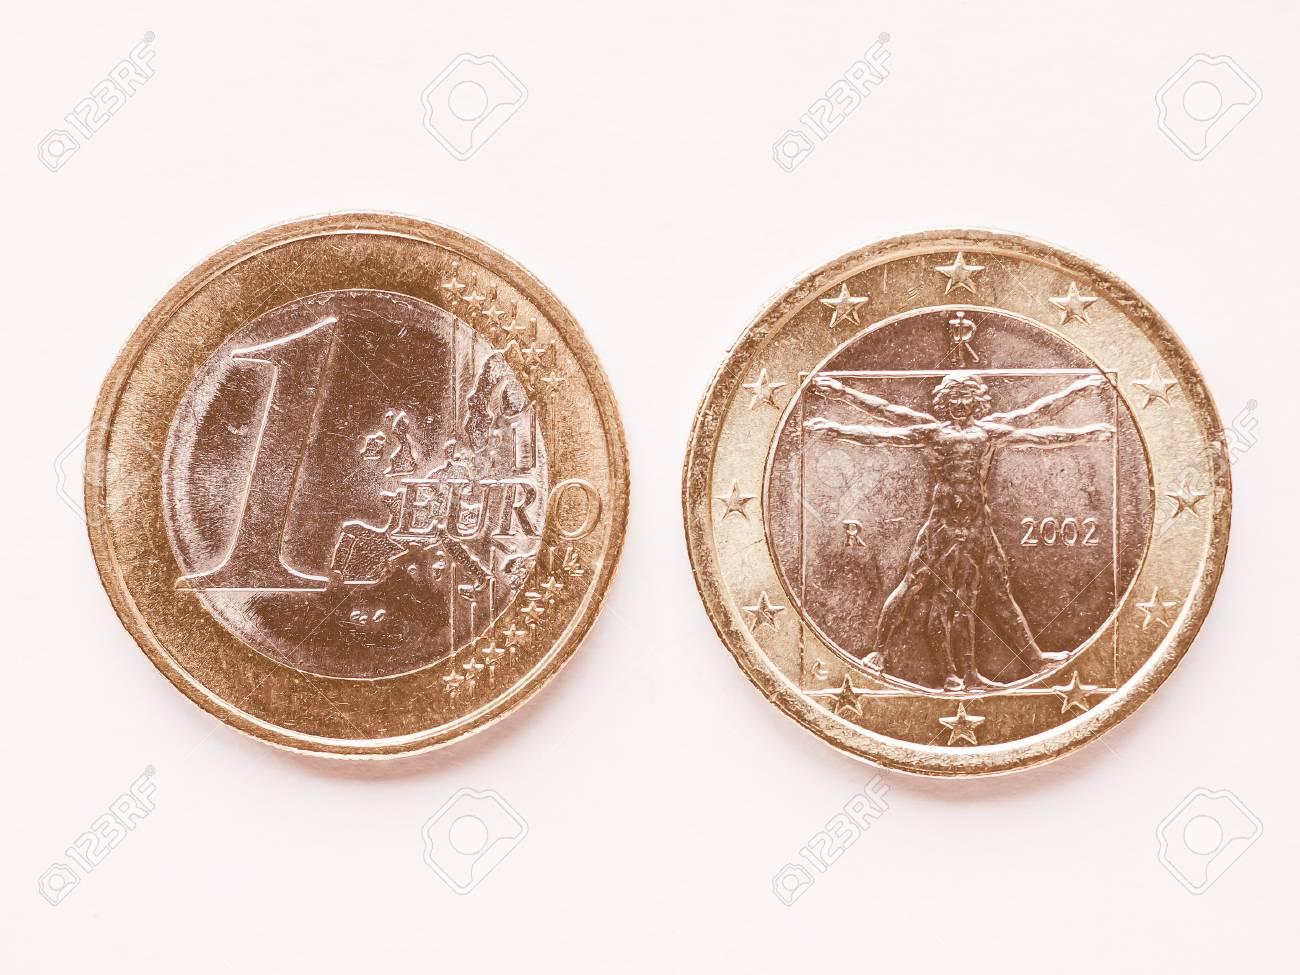 Währung Von Europa 1 Euro Münze Aus Italien Vintage Lizenzfreie